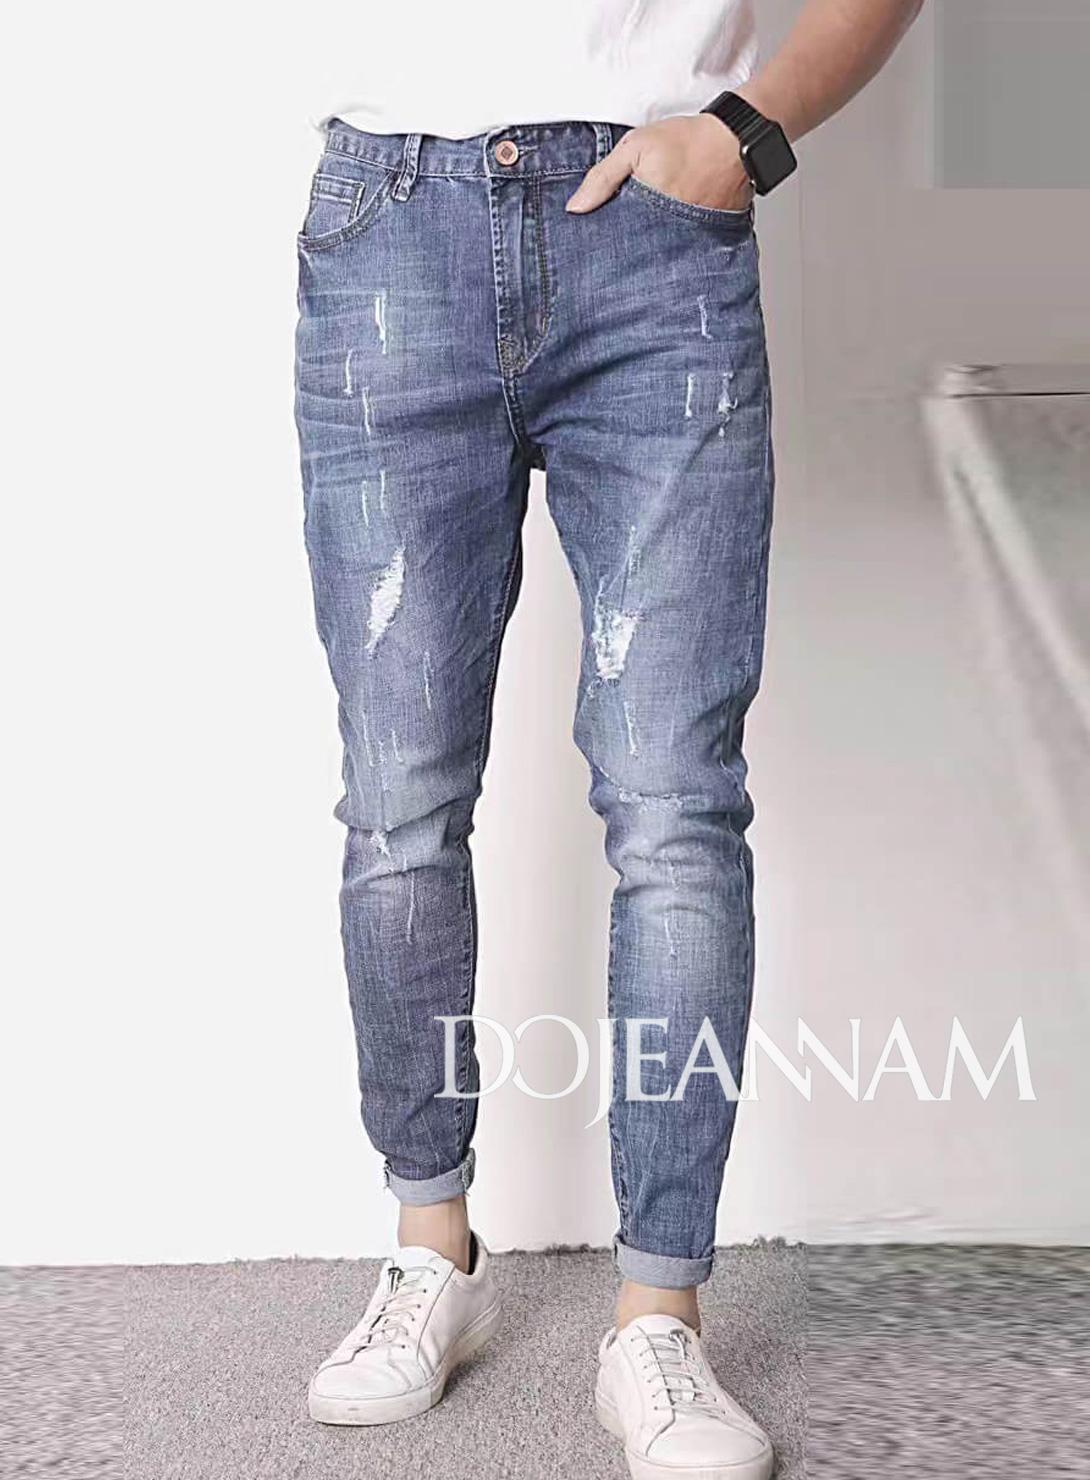 Top shop bán quần jean giá rẻ cho nam tại Quận 3, TP.HCM